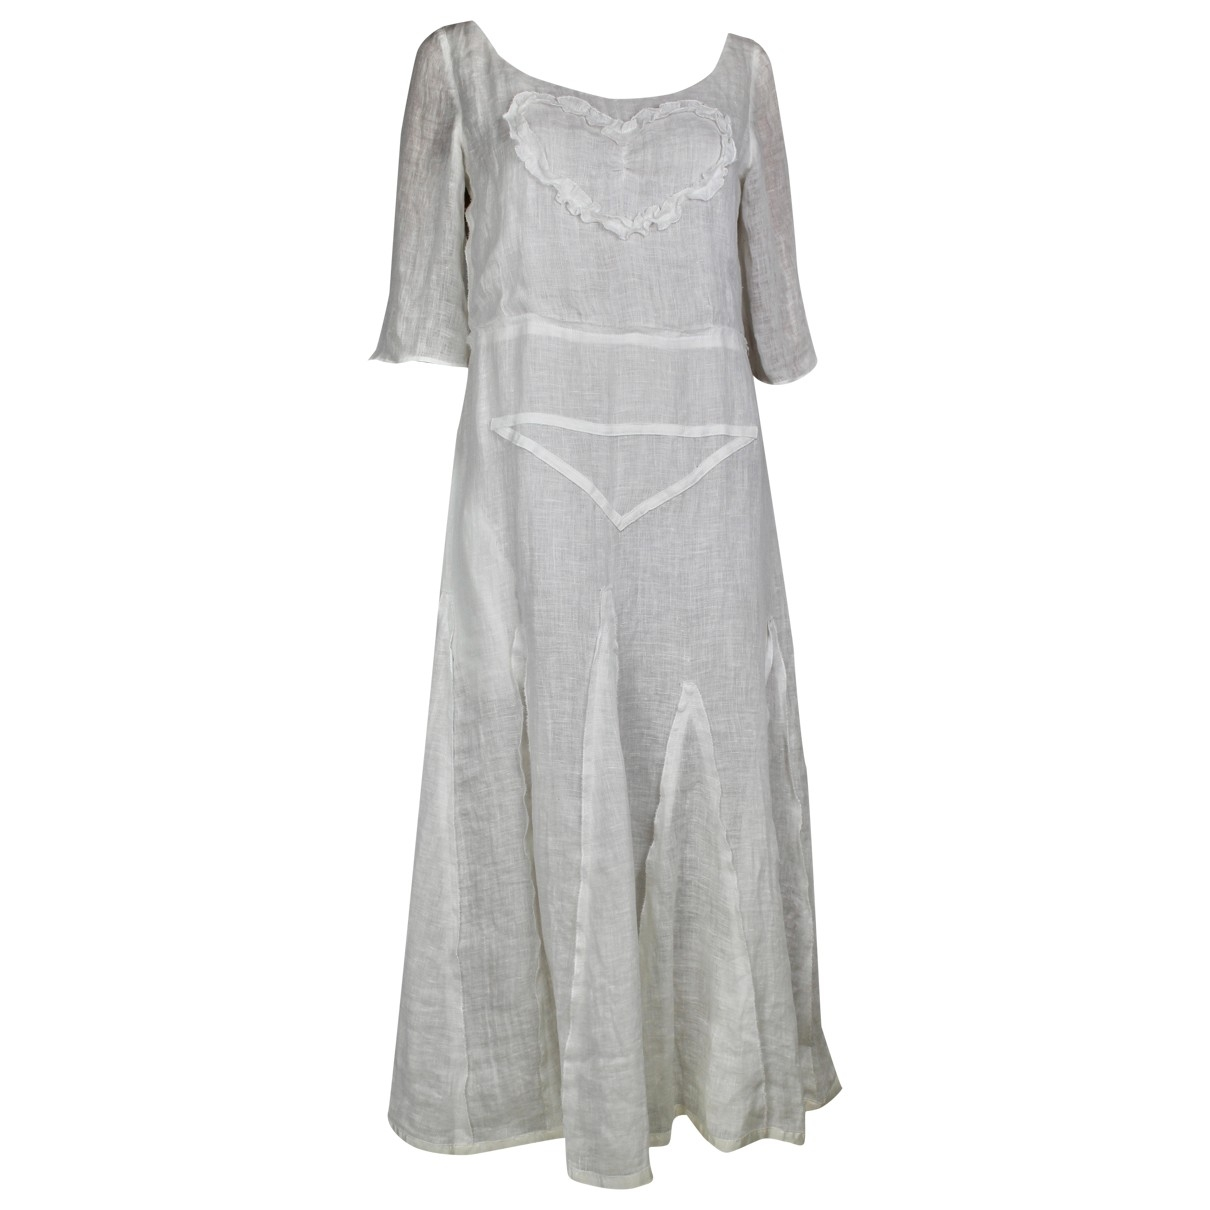 Sonia Rykiel \N Ecru Linen dress for Women 38 FR